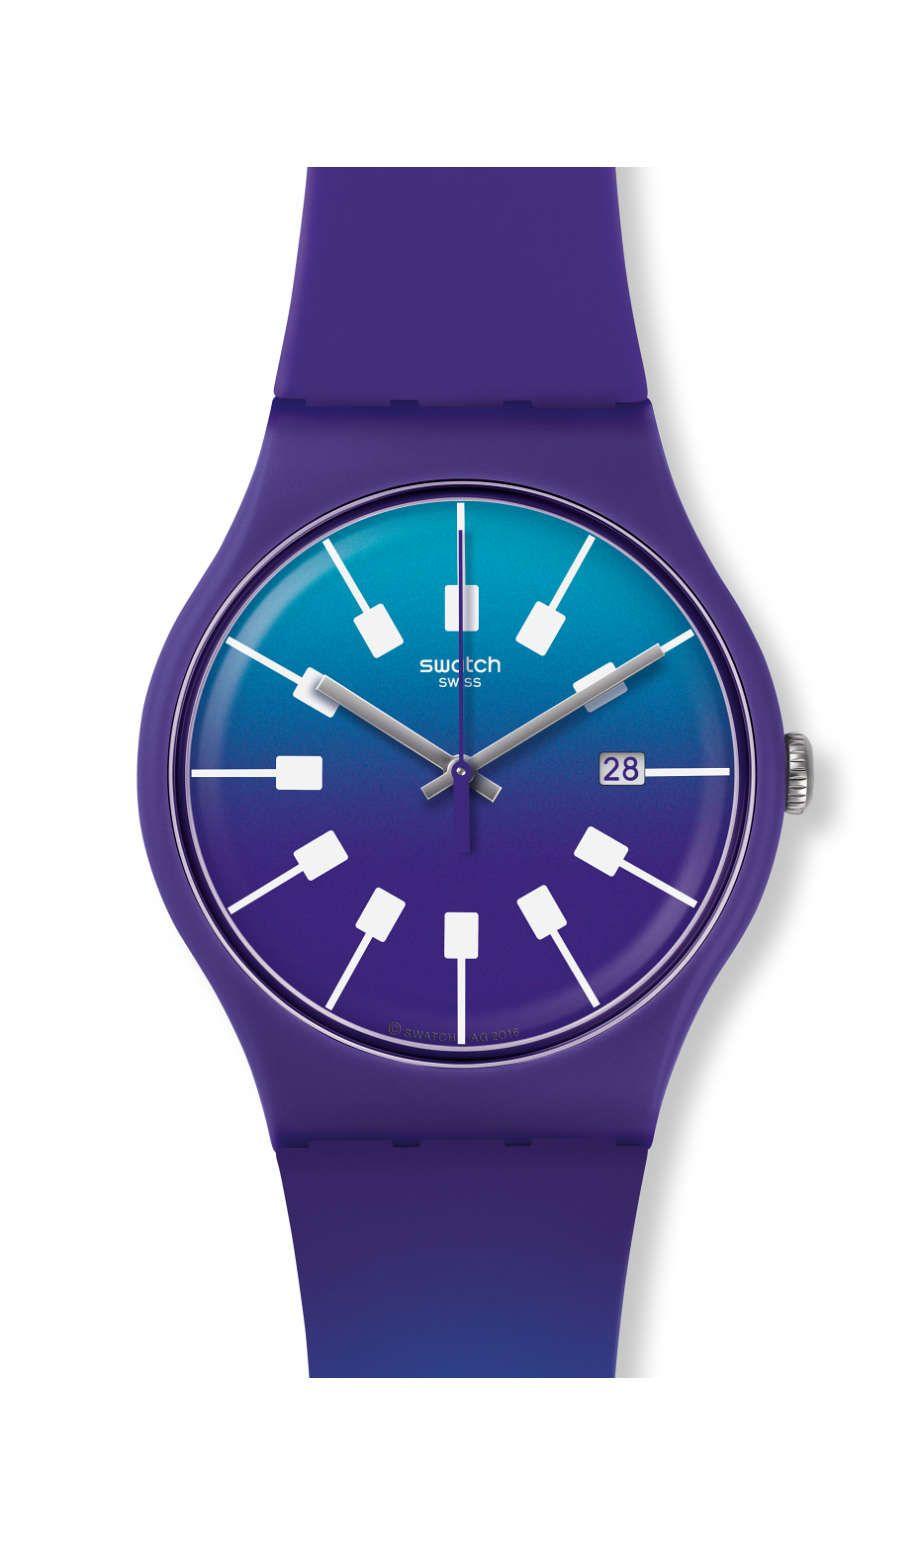 0088c2c034fe CRAZY SKY   Prerelease Woman s Watches ~ Relojes de Mujer en  Pre-lanzamiento   Originals New Gent -Action Heroes Collection   Swatch     Watch